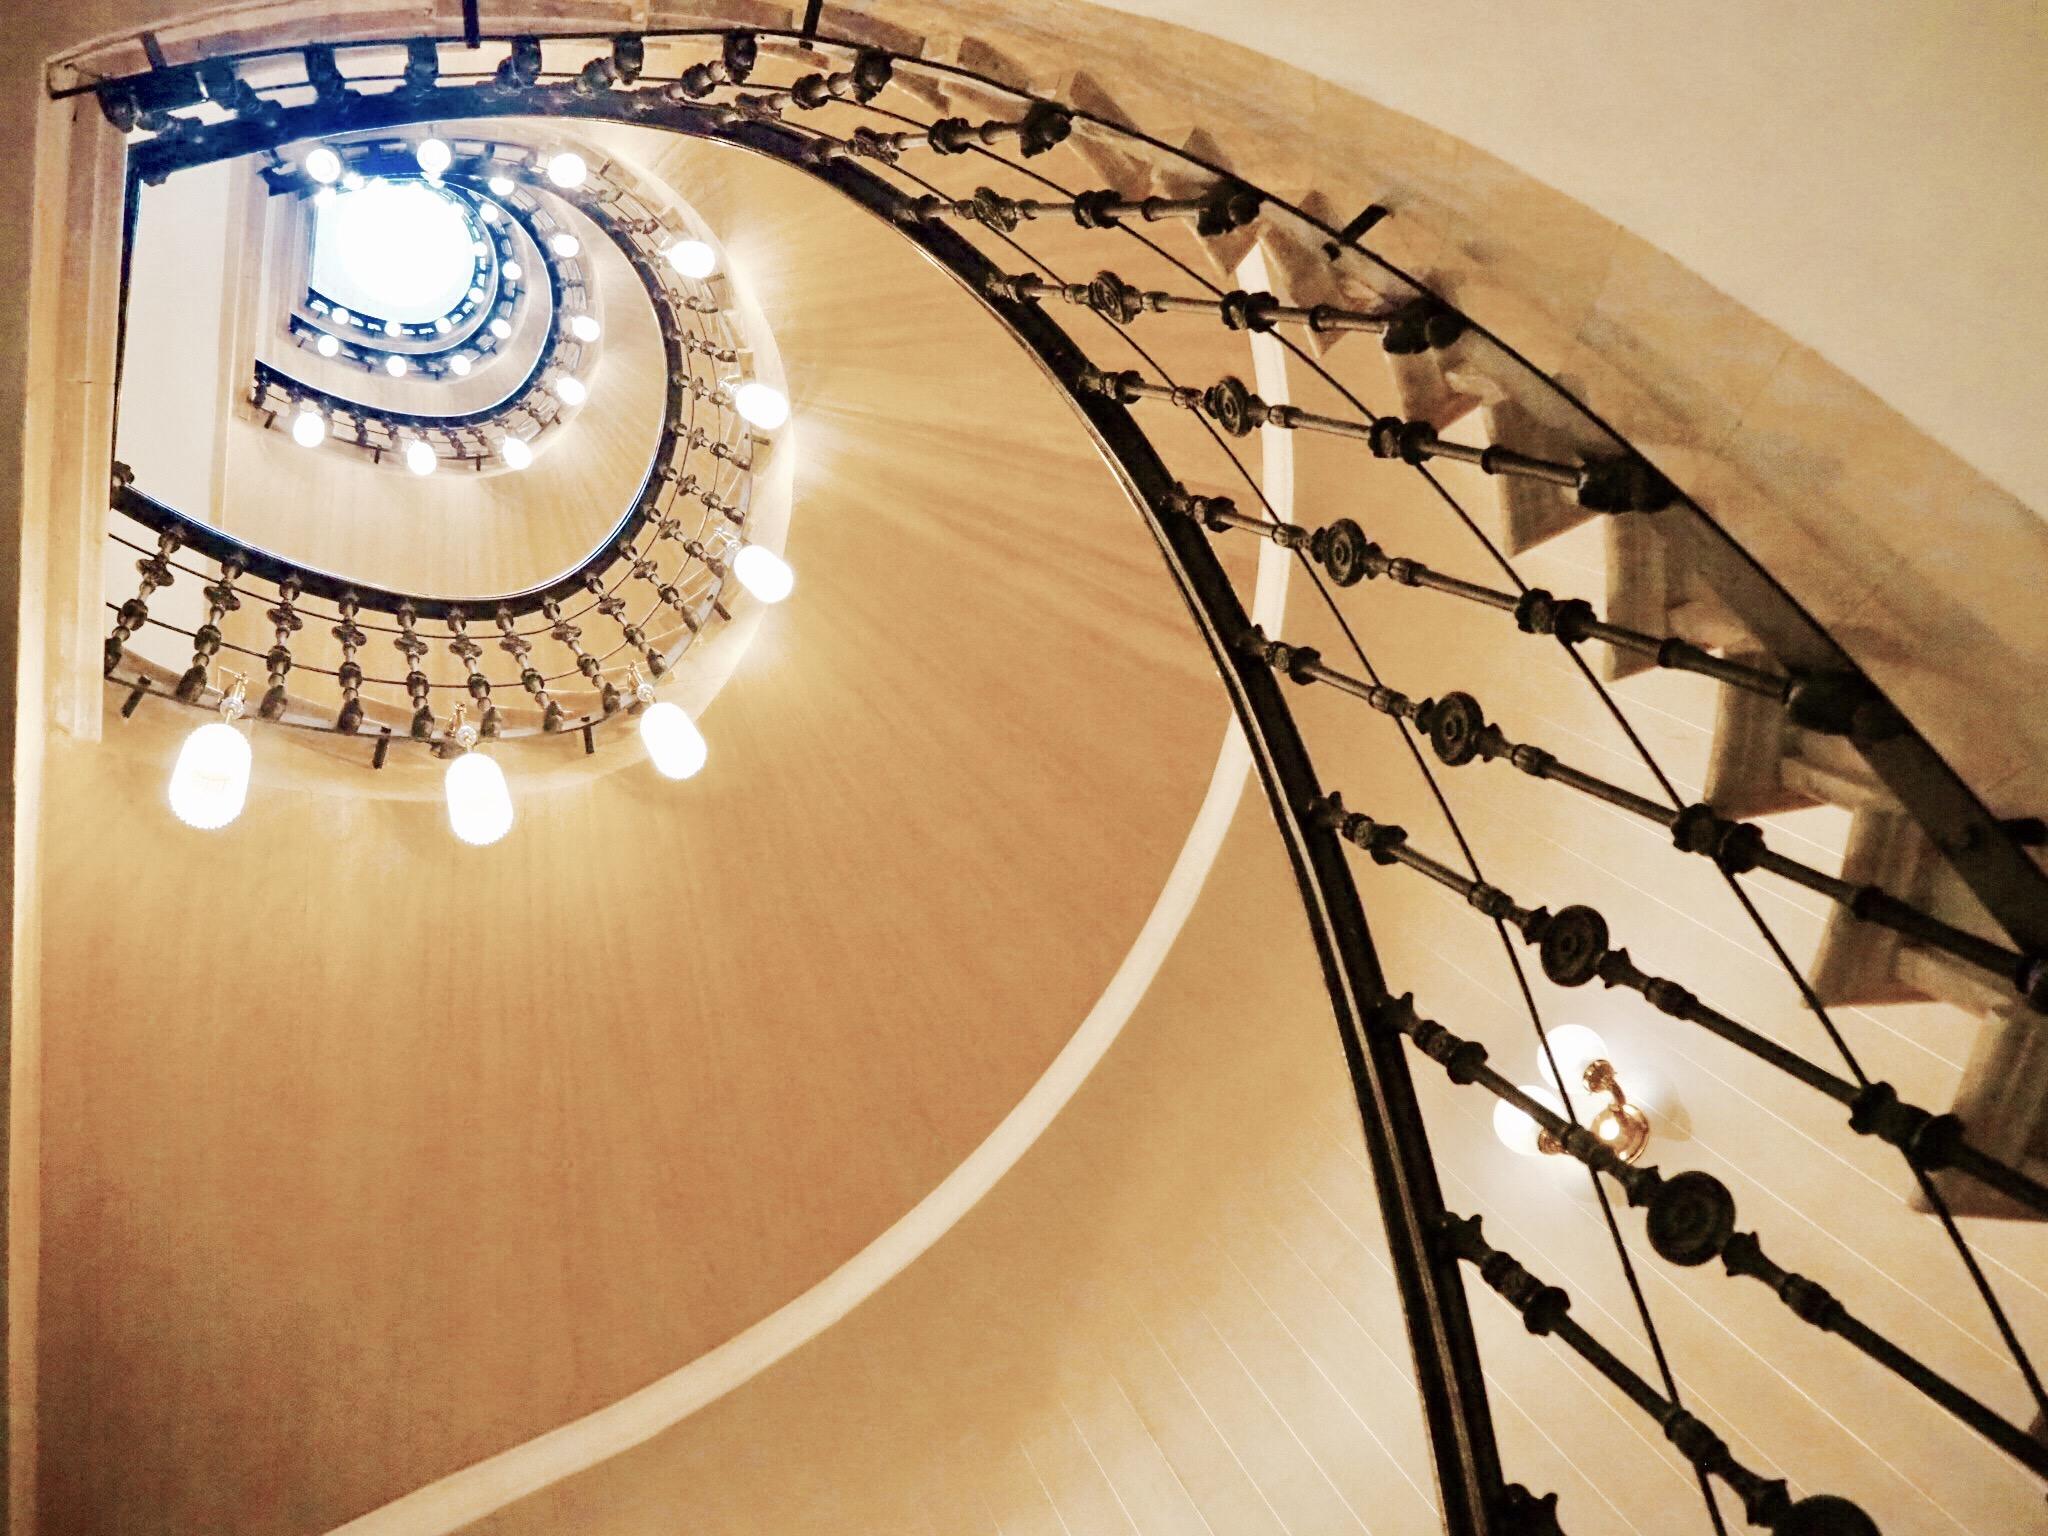 img 4804 - Aria Hotel Budapest - 音楽に囲まれて過ごすブダペストのラグジュアリーブティックホテルの魅力